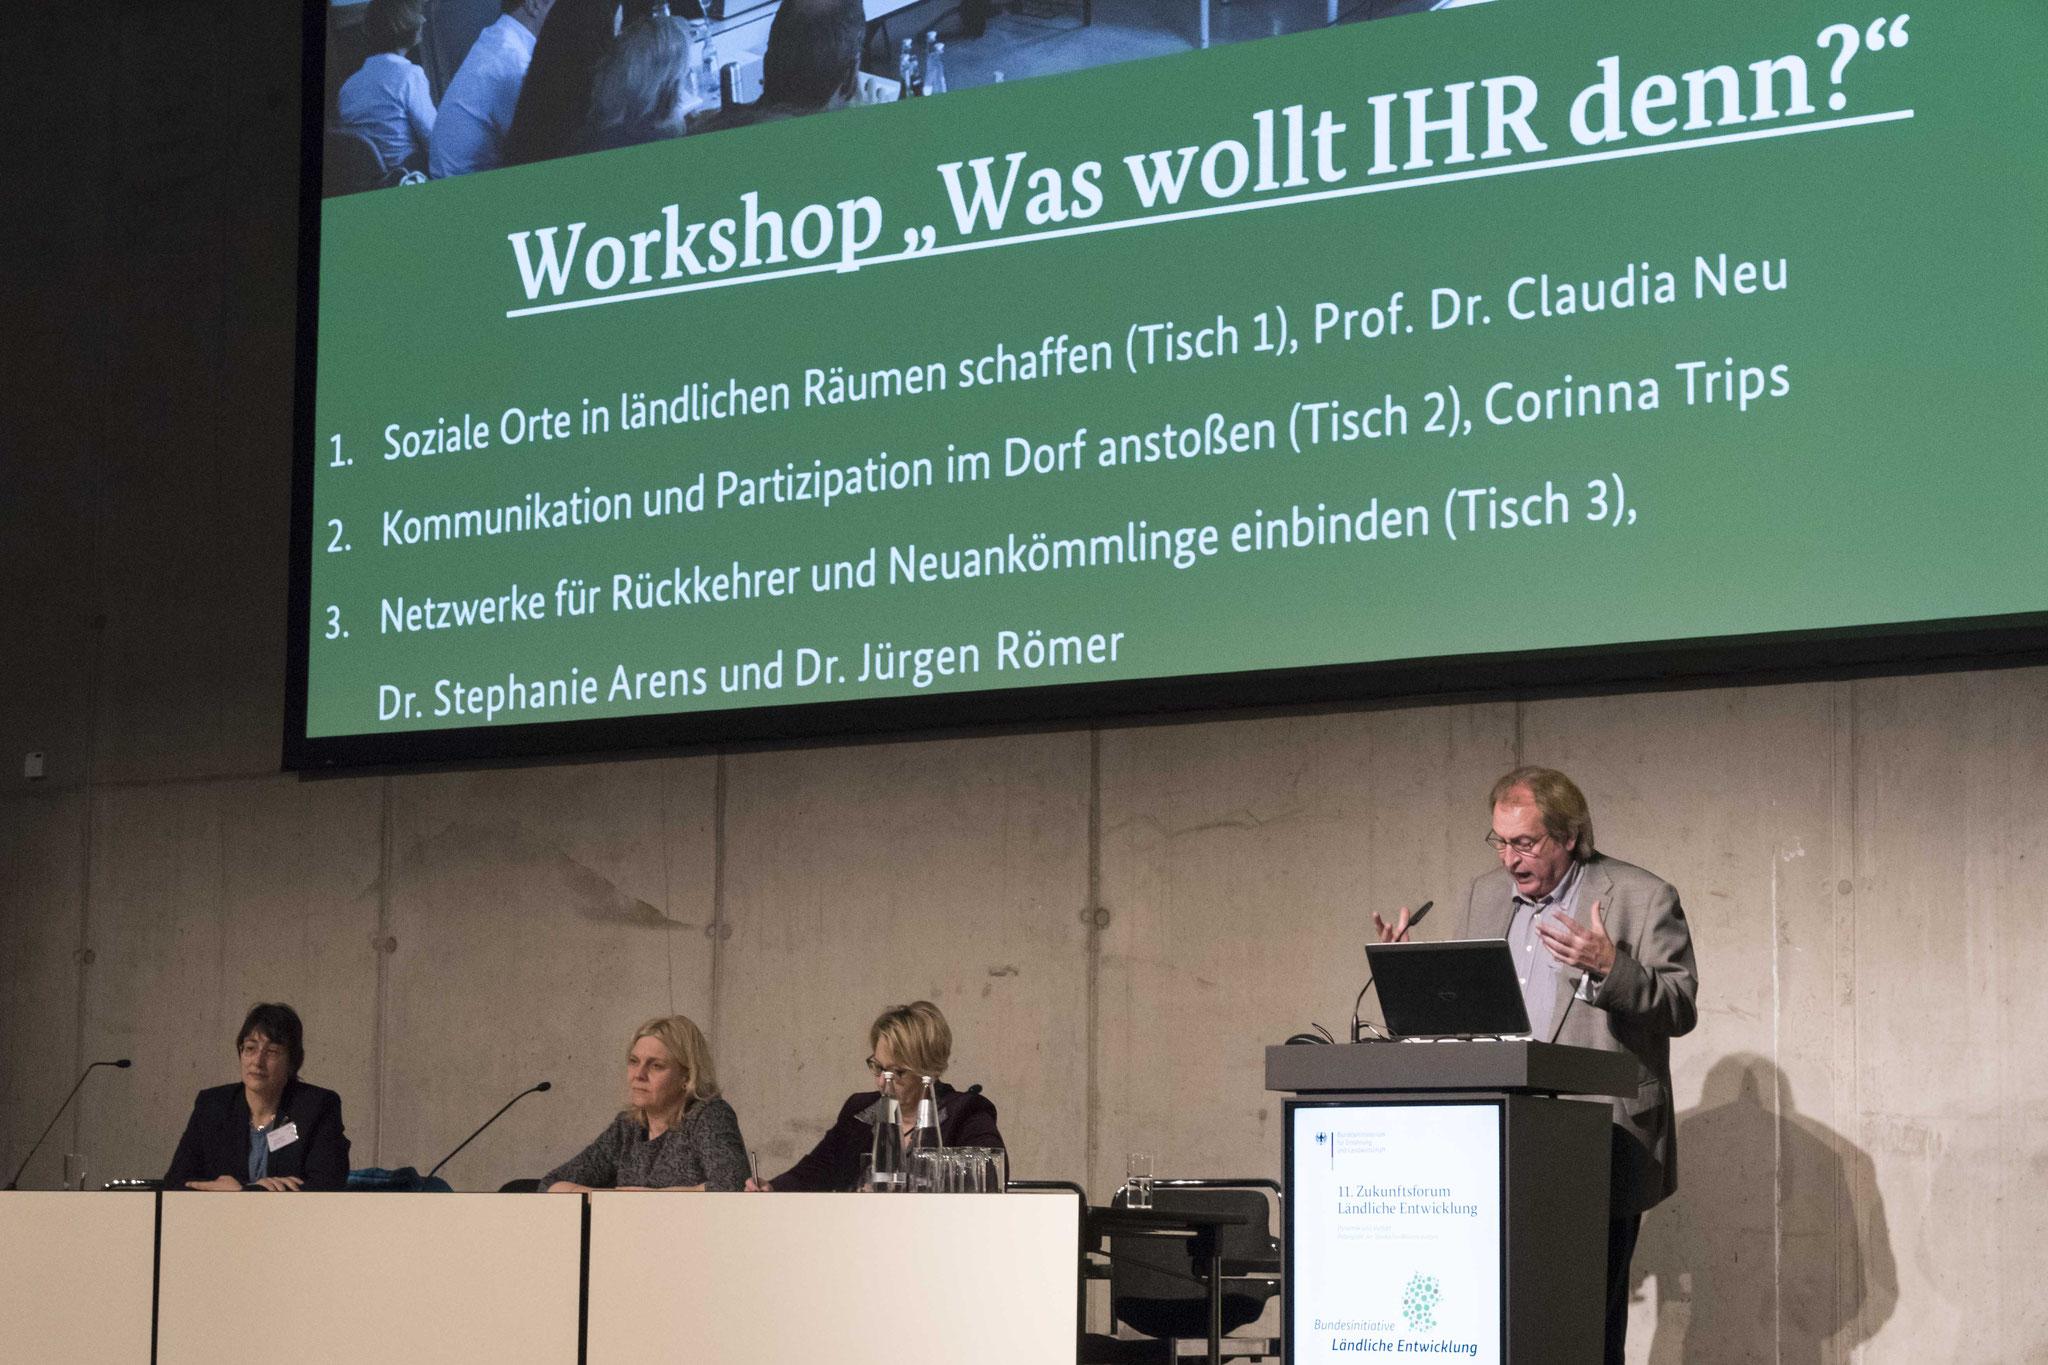 Workshop mit Dr. Jürgen Römer und Prof. Dr. Claudia Neu